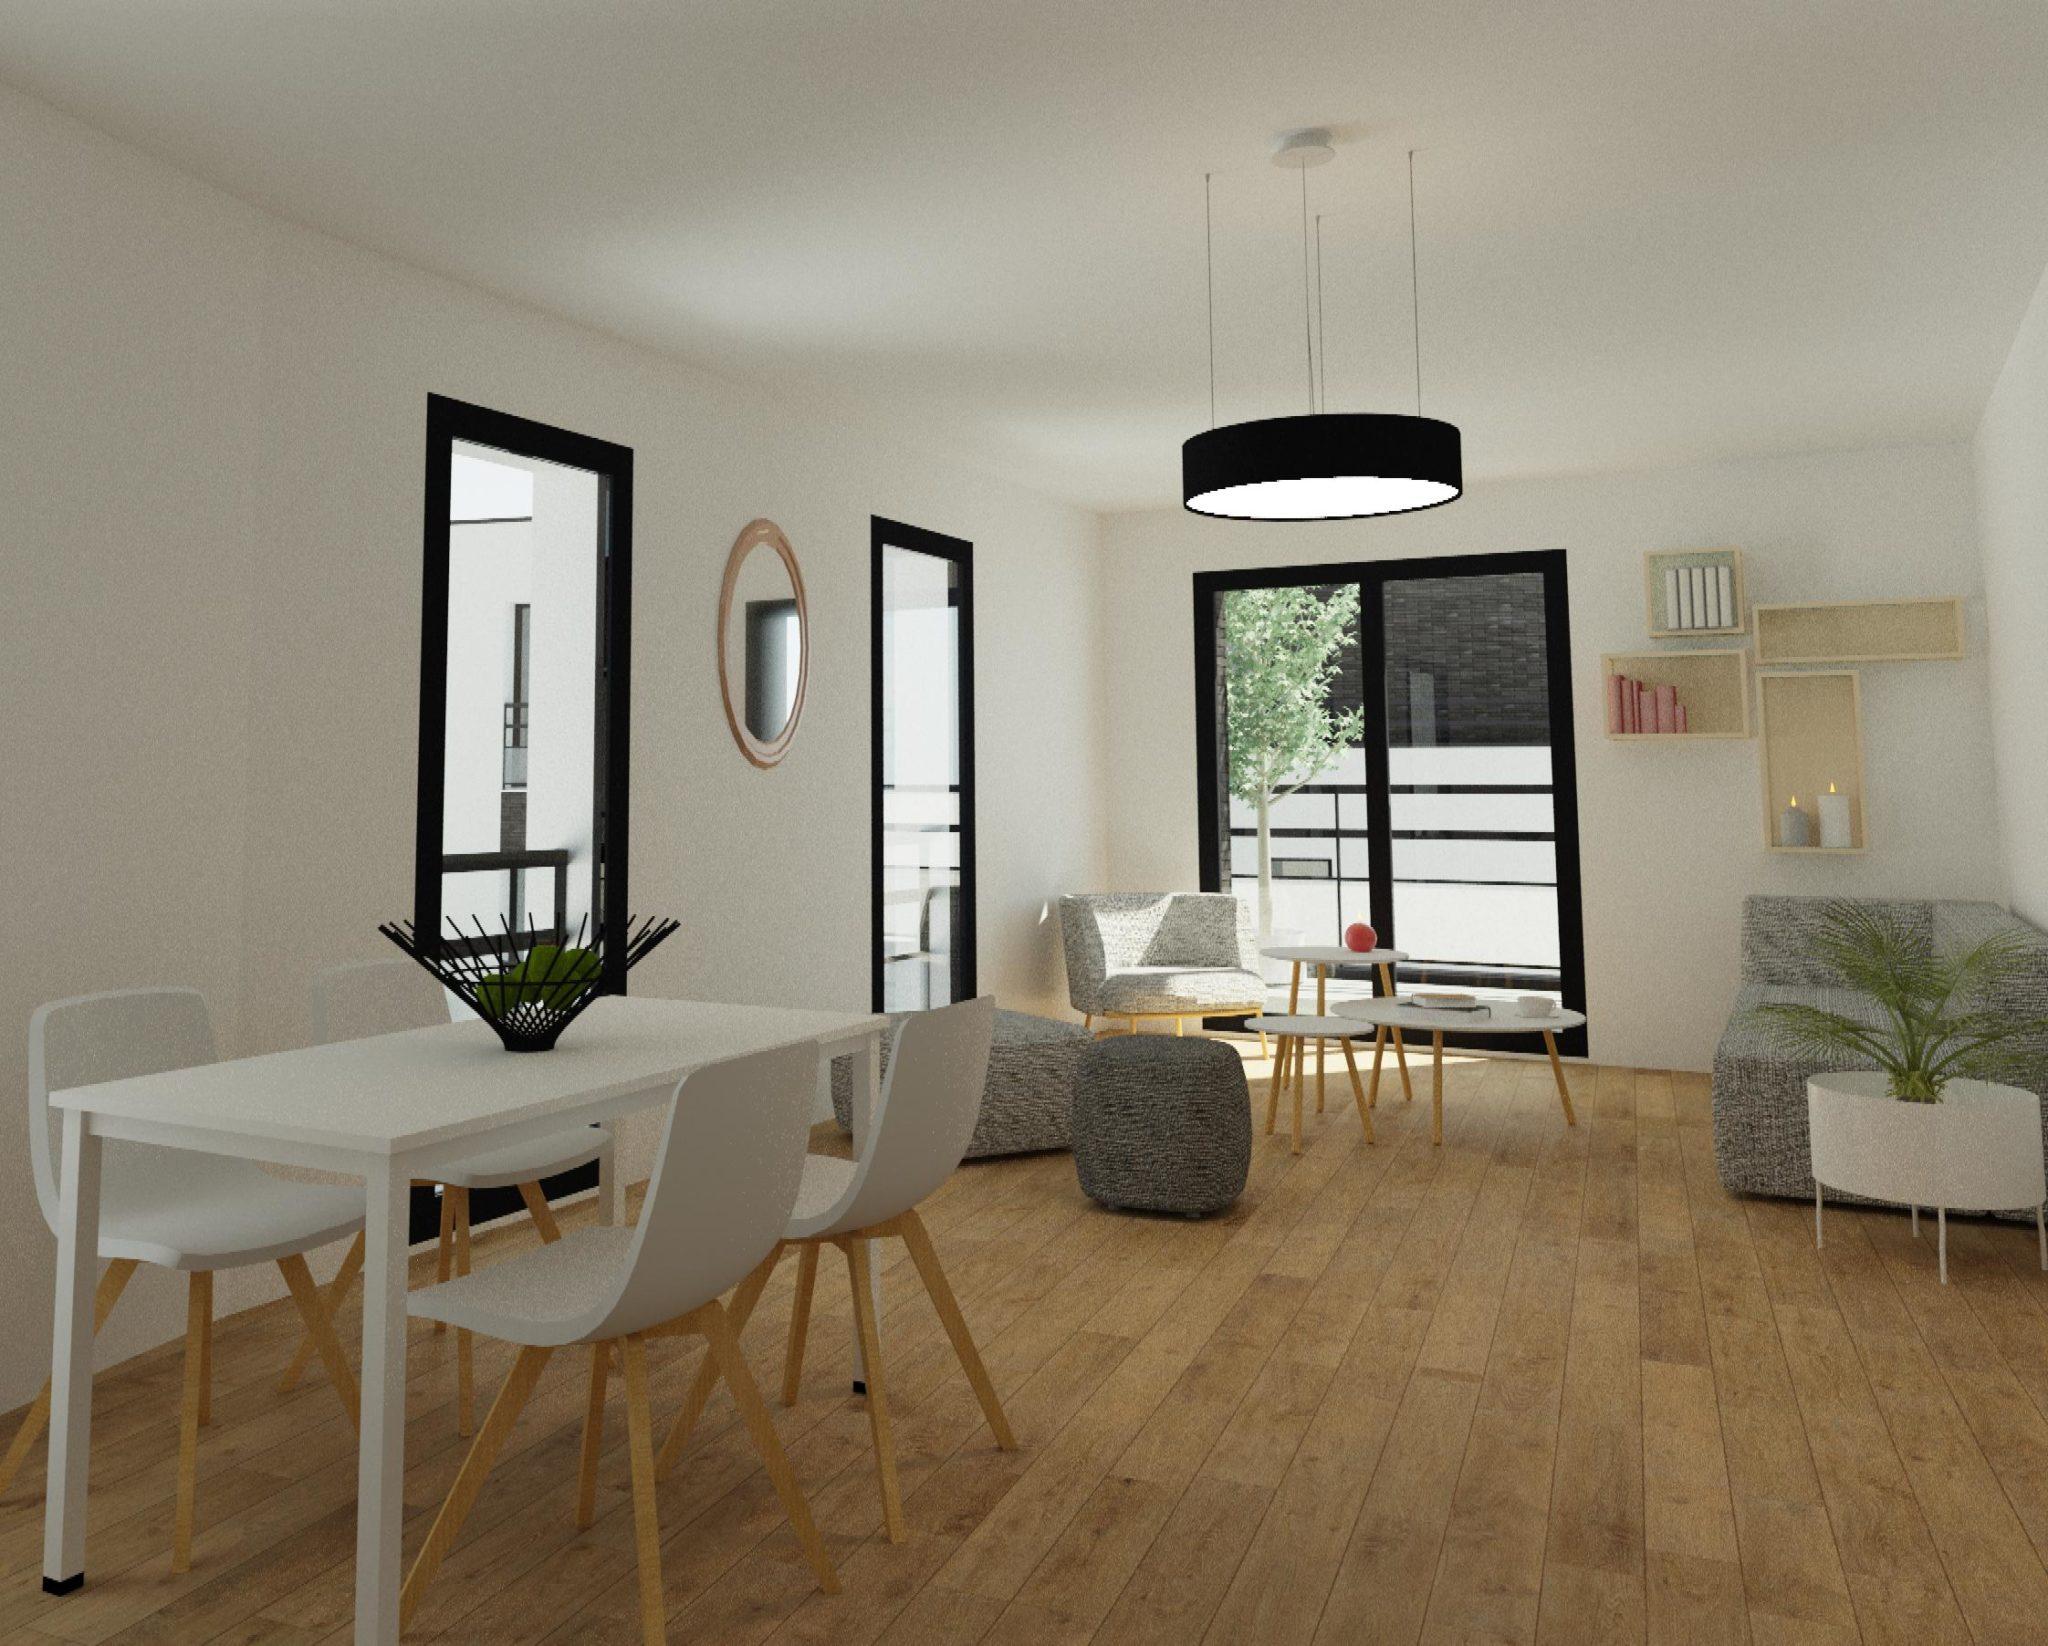 Intérieur 3d d'un projet de construction : salle manger design, salon, baie vitrée lumineuse pour le confort de la maison